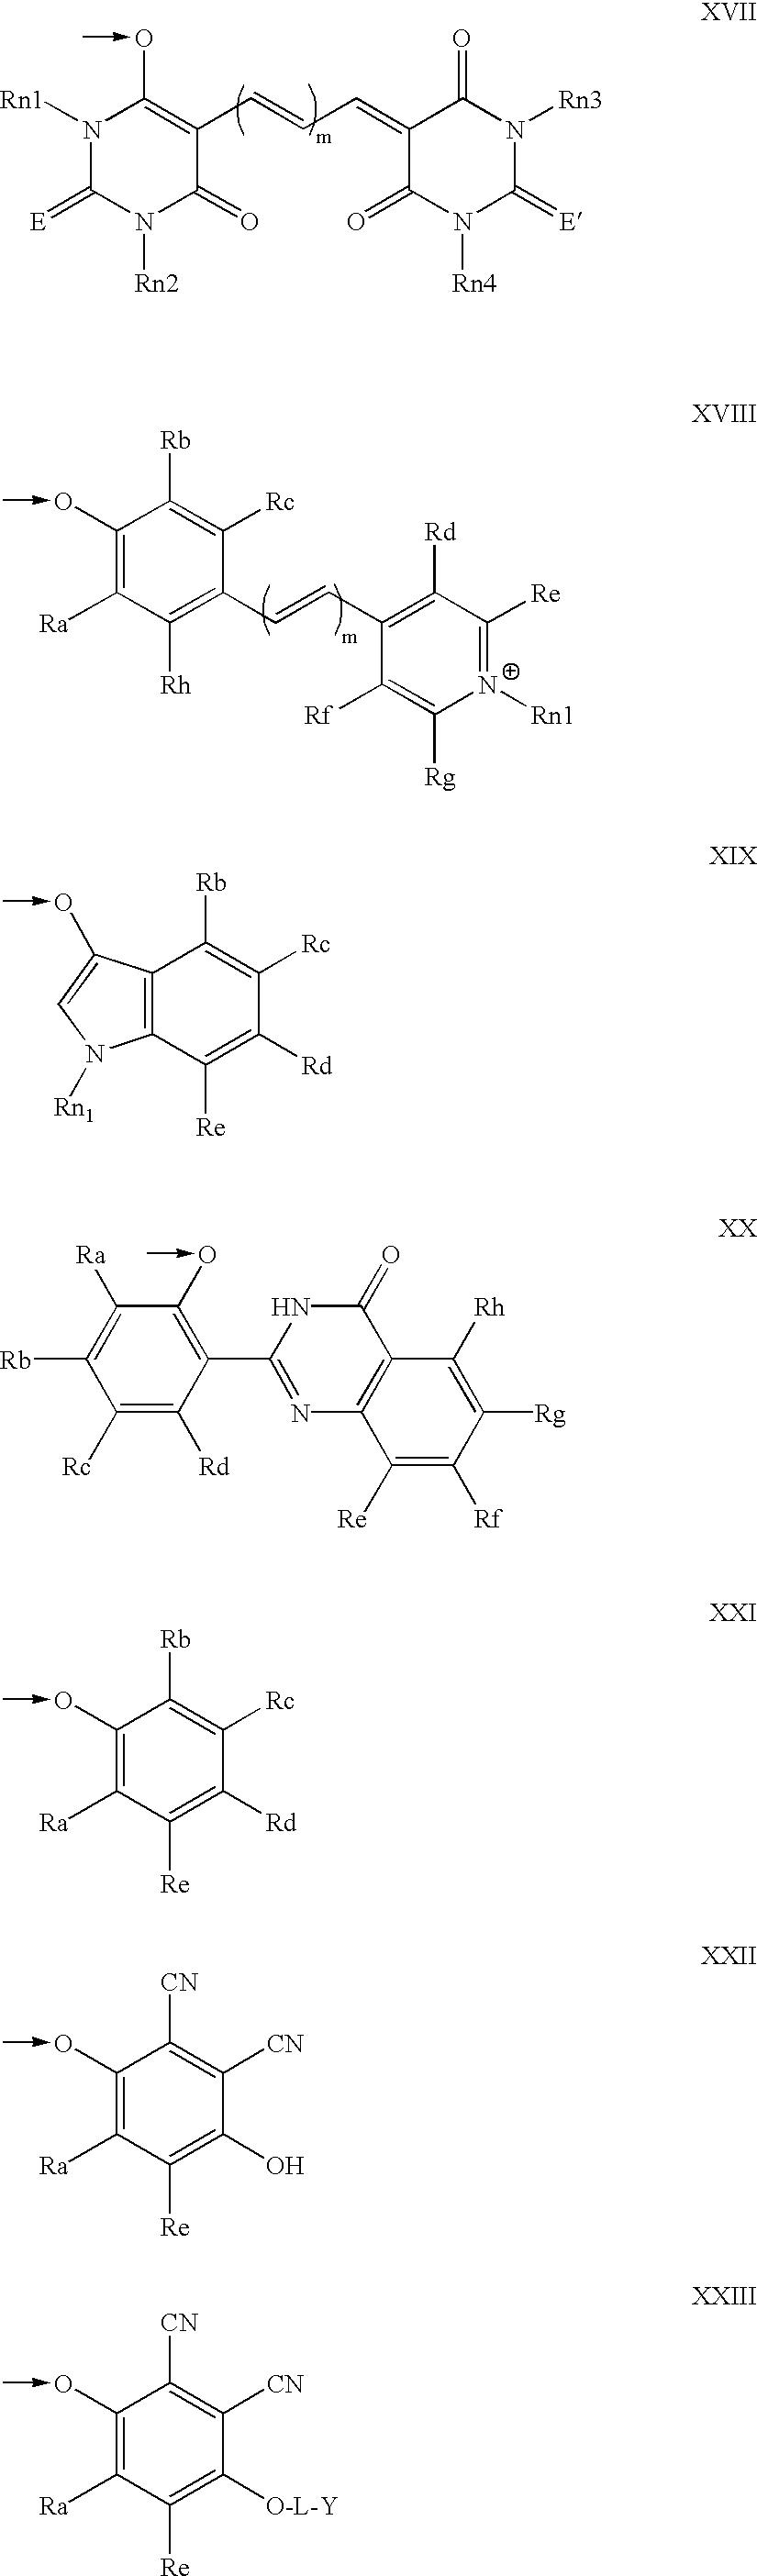 Figure US06514687-20030204-C00004